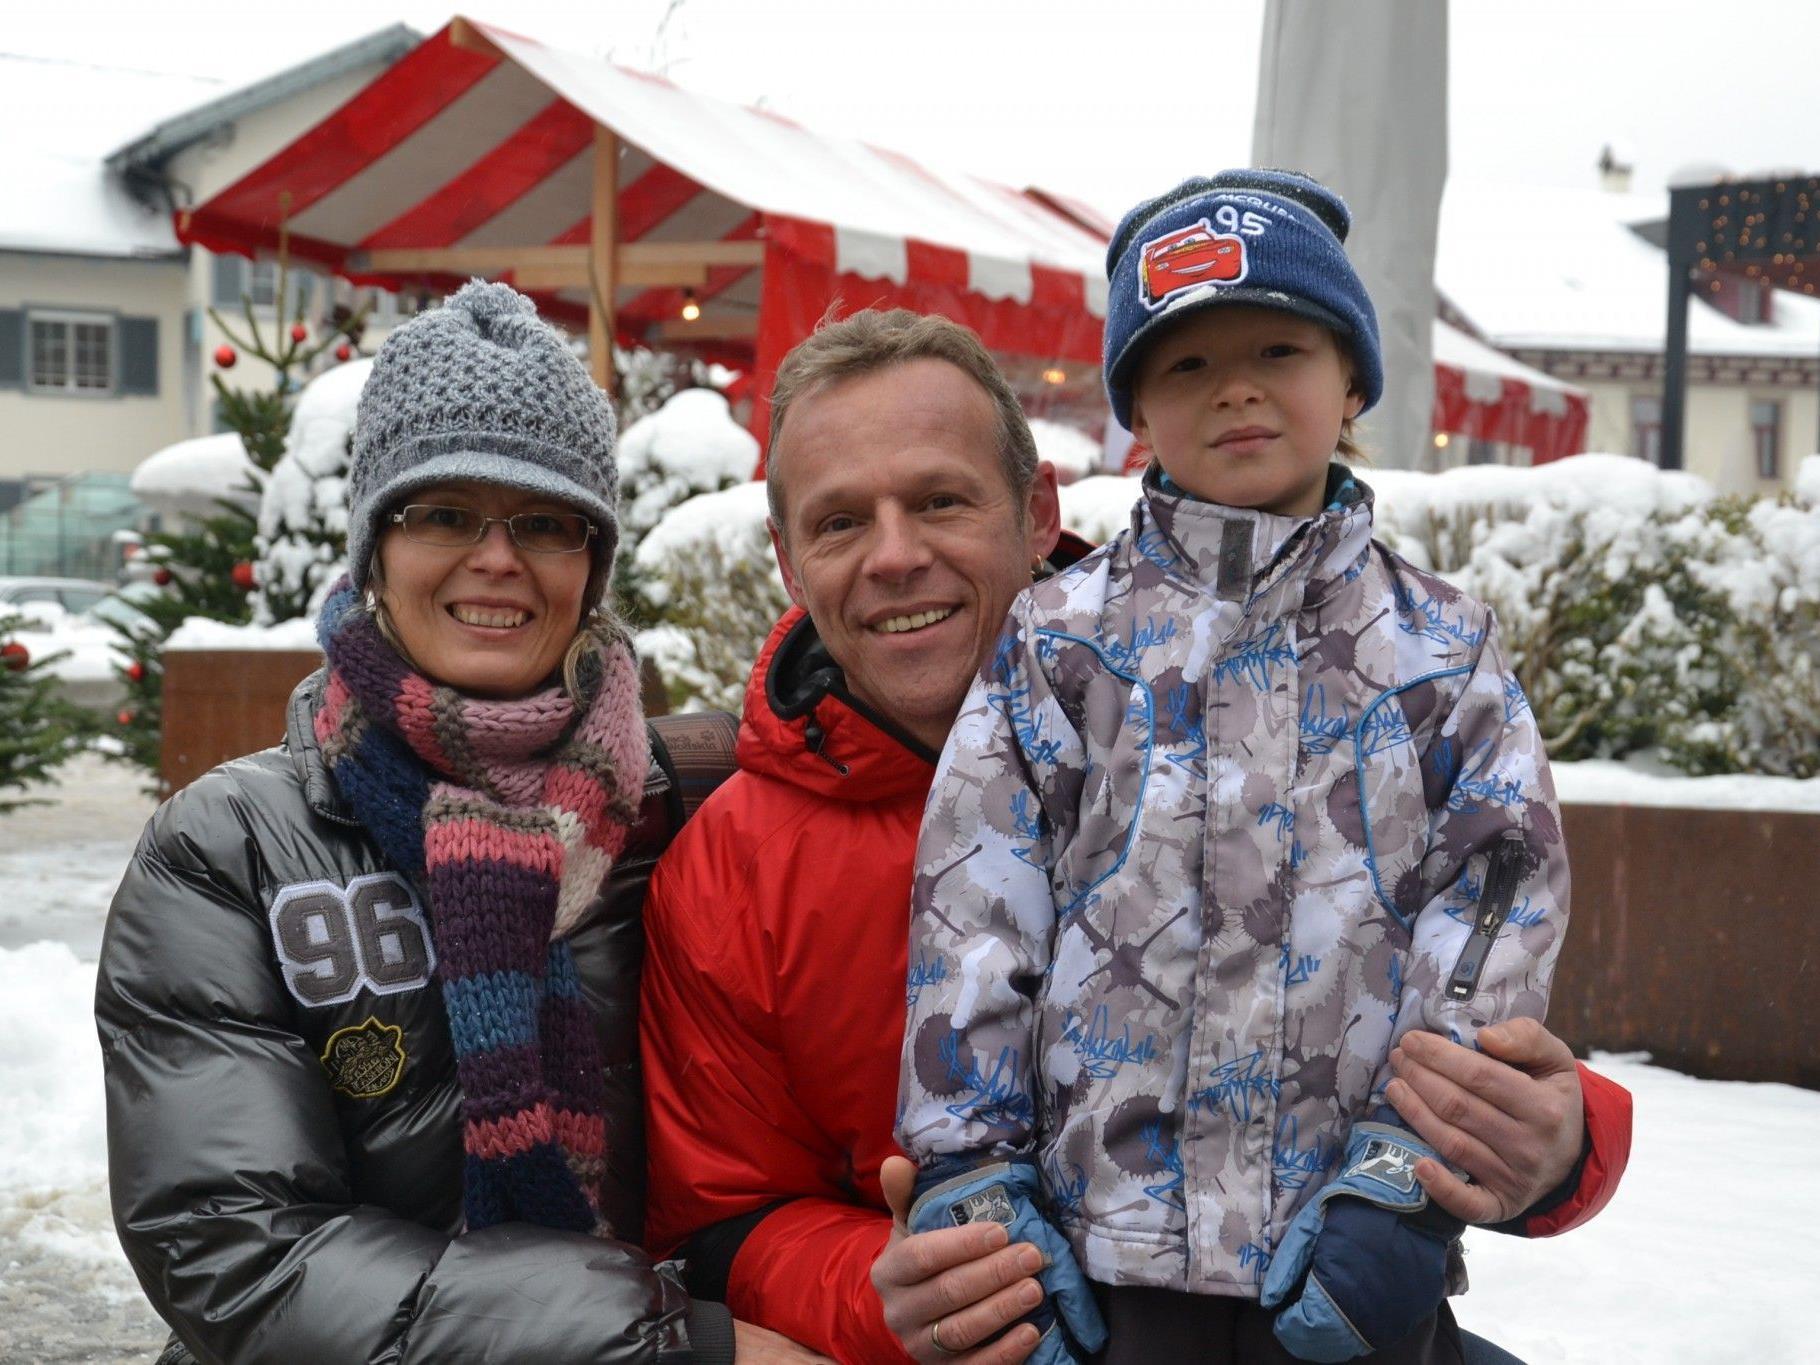 Auch Familie Jäger aus Götzis besuchte den Adventmarkt am Garnmarkt v.l.: Susanne & Dietmar mit Sandro